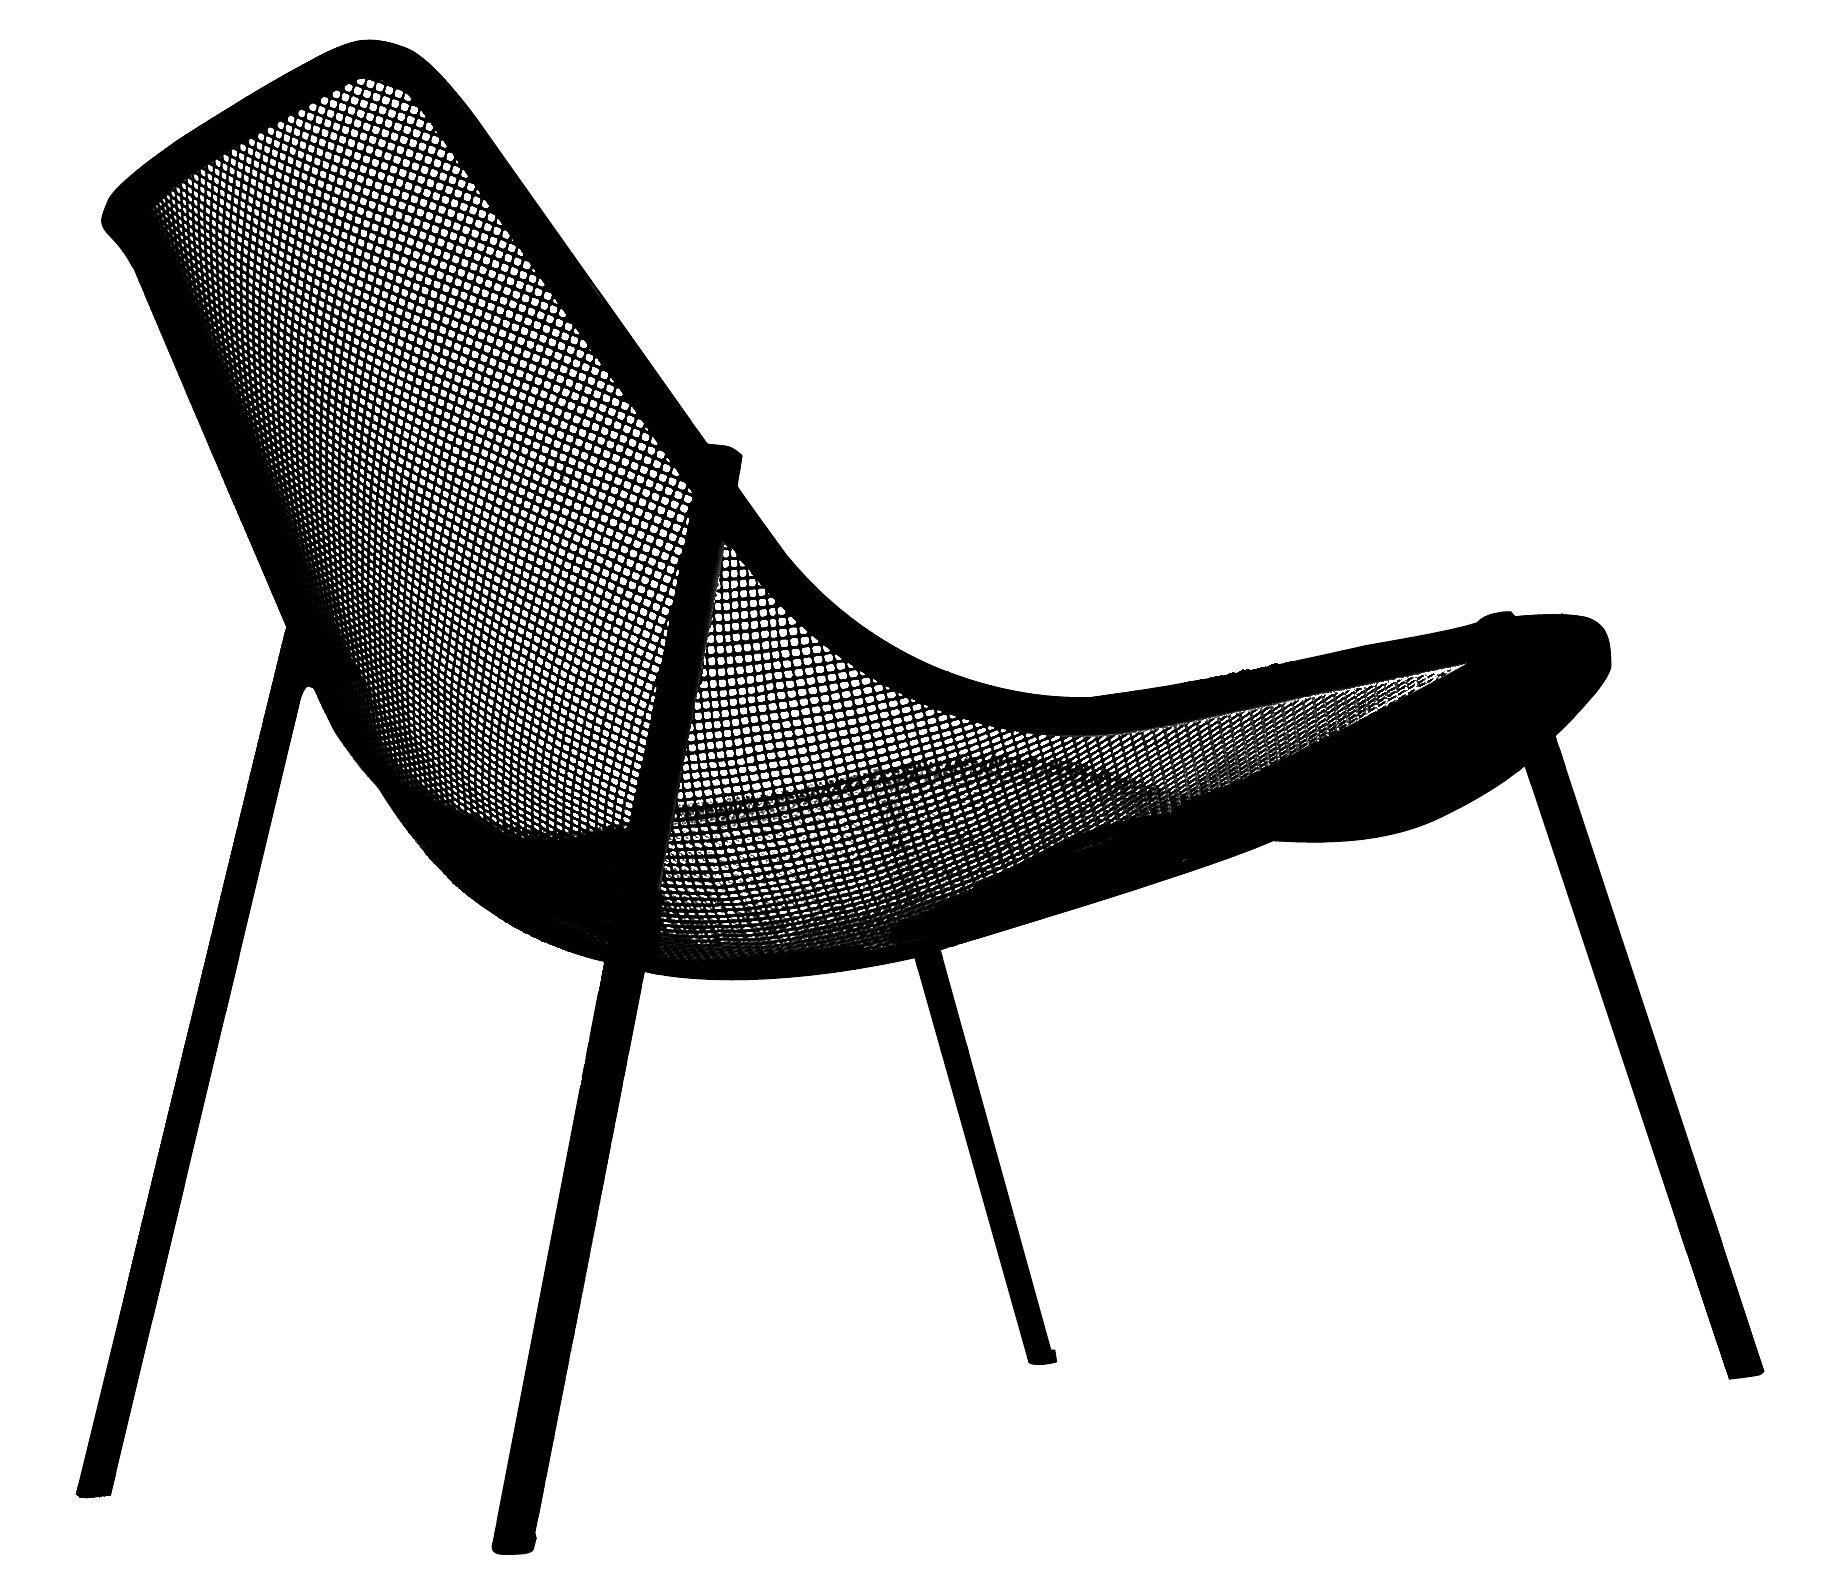 Arredamento - Poltrone design  - Poltrona bassa Round di Emu - Nero - Acciaio